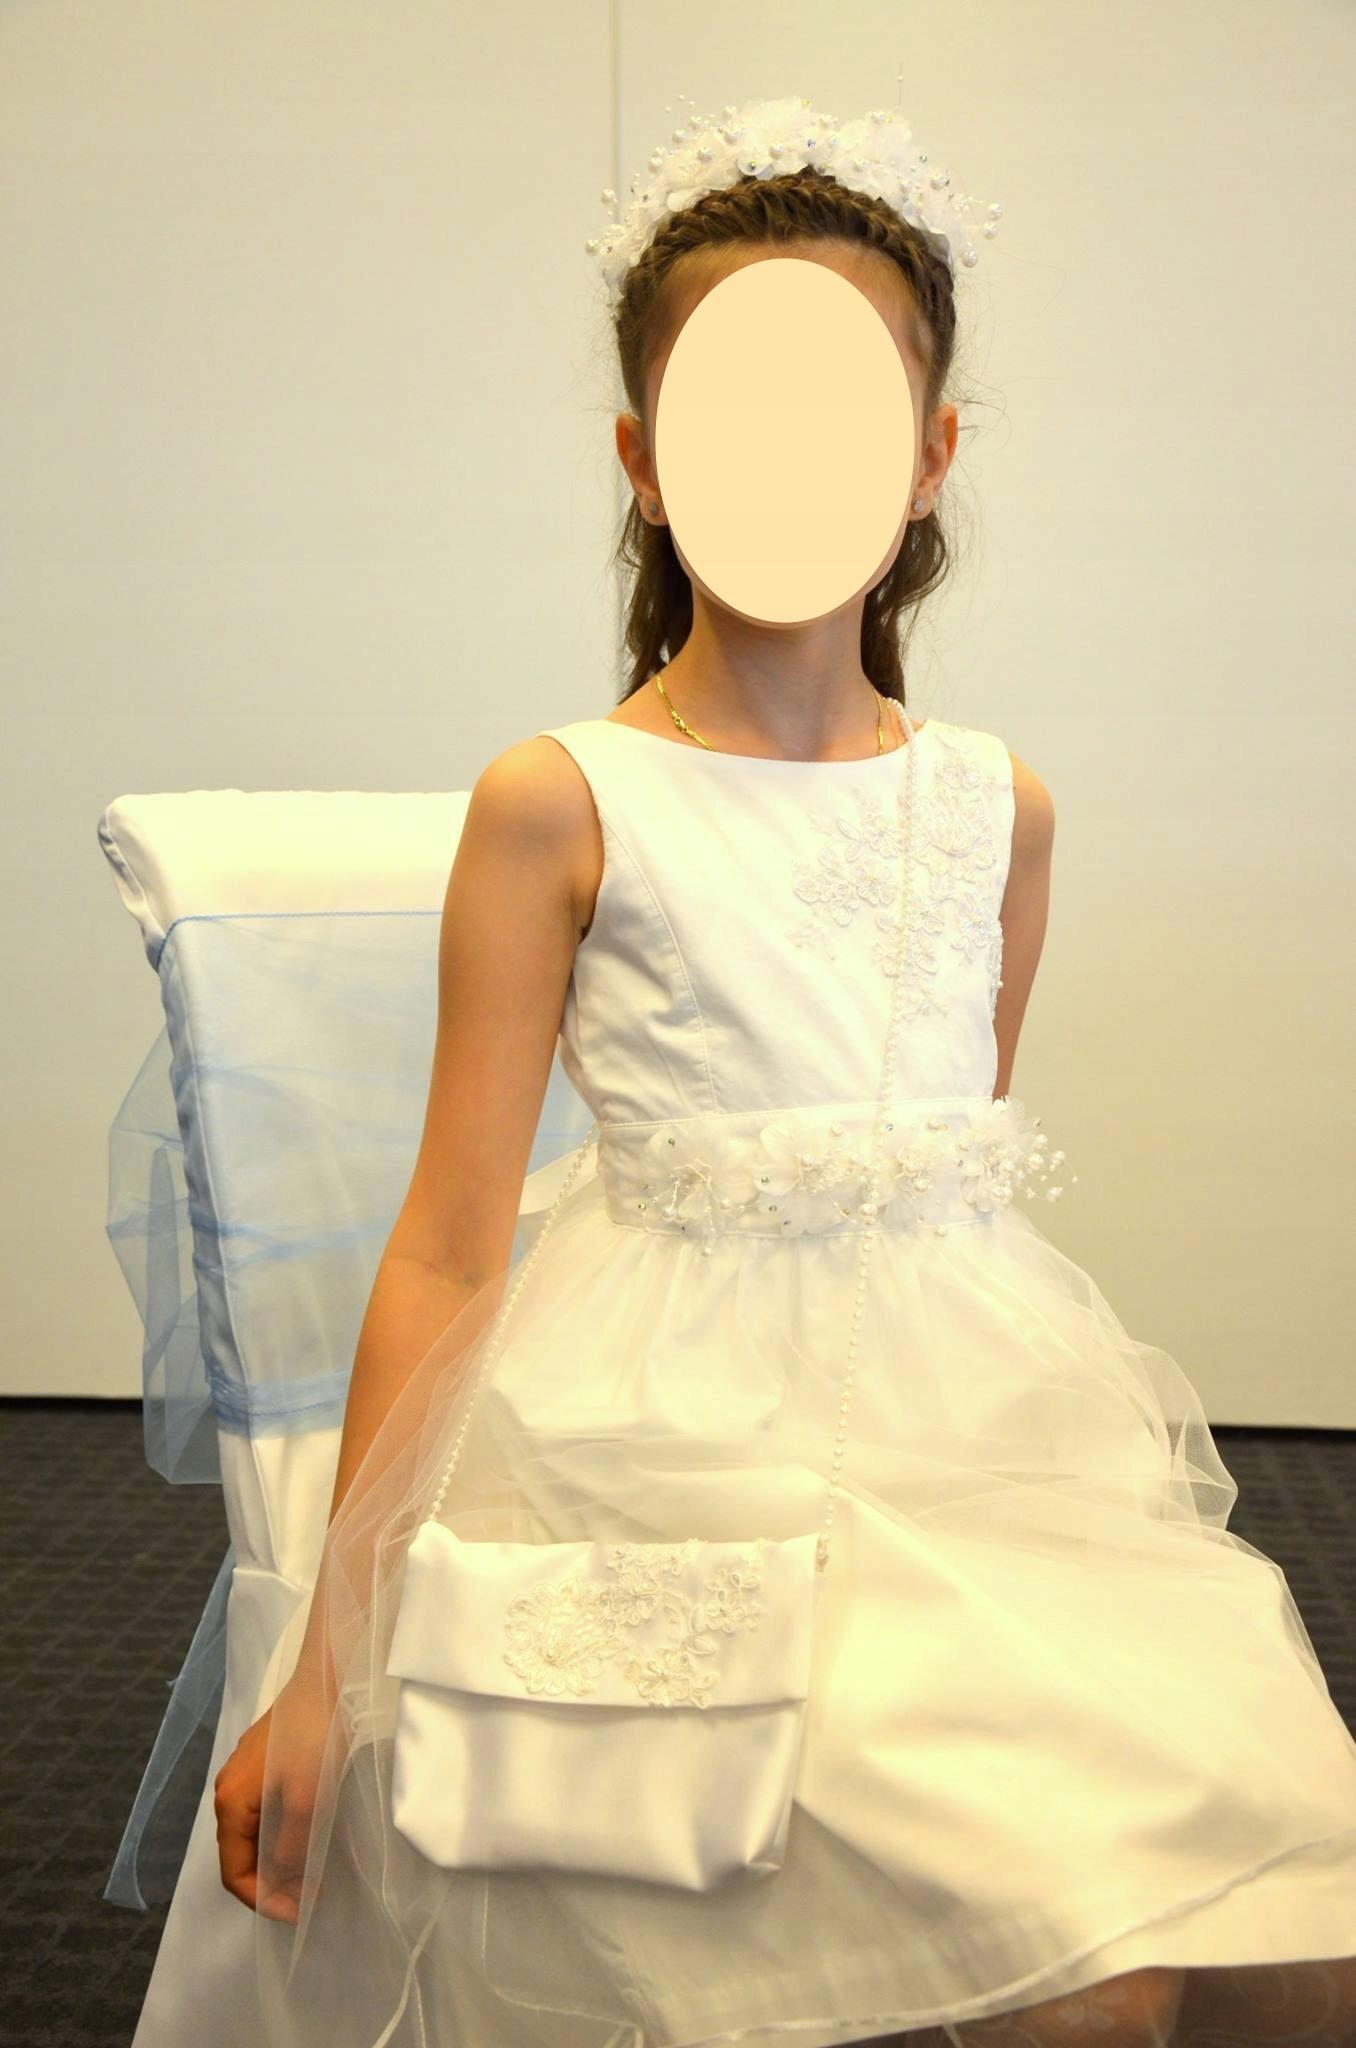 Komunia Sukienka Komunijna Dodatki Komplet 8 Cz 9063679321 Allegro Pl